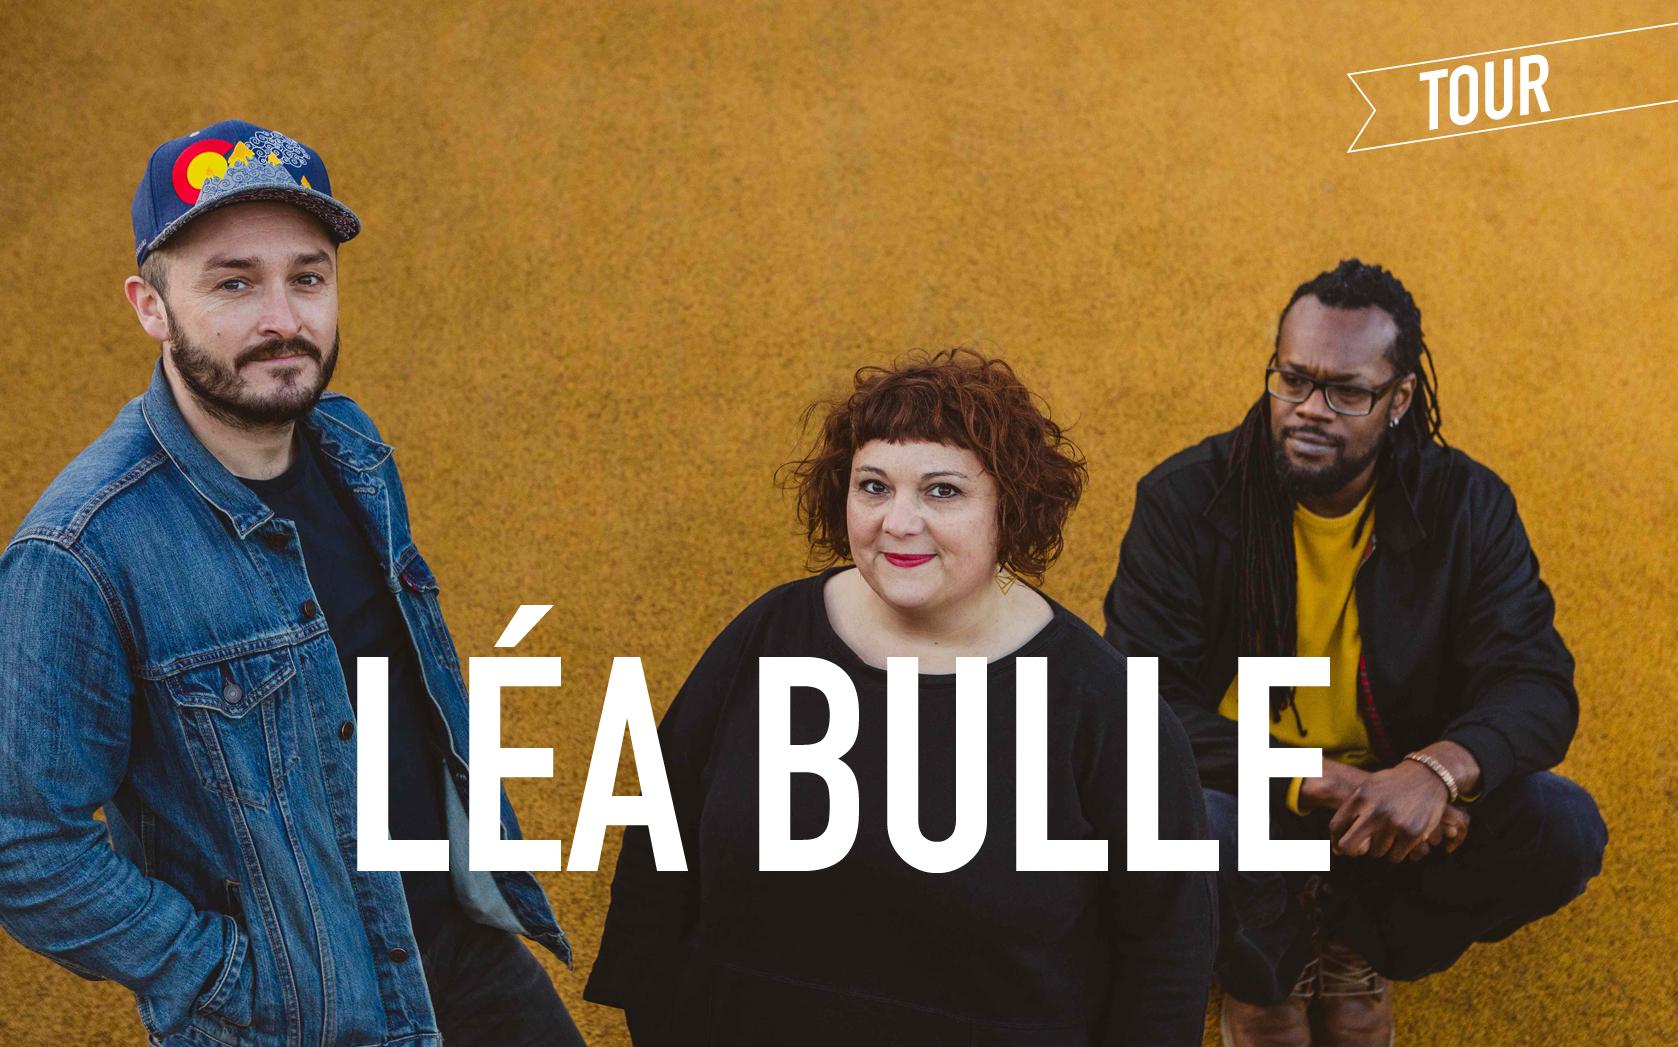 lea-bulle2